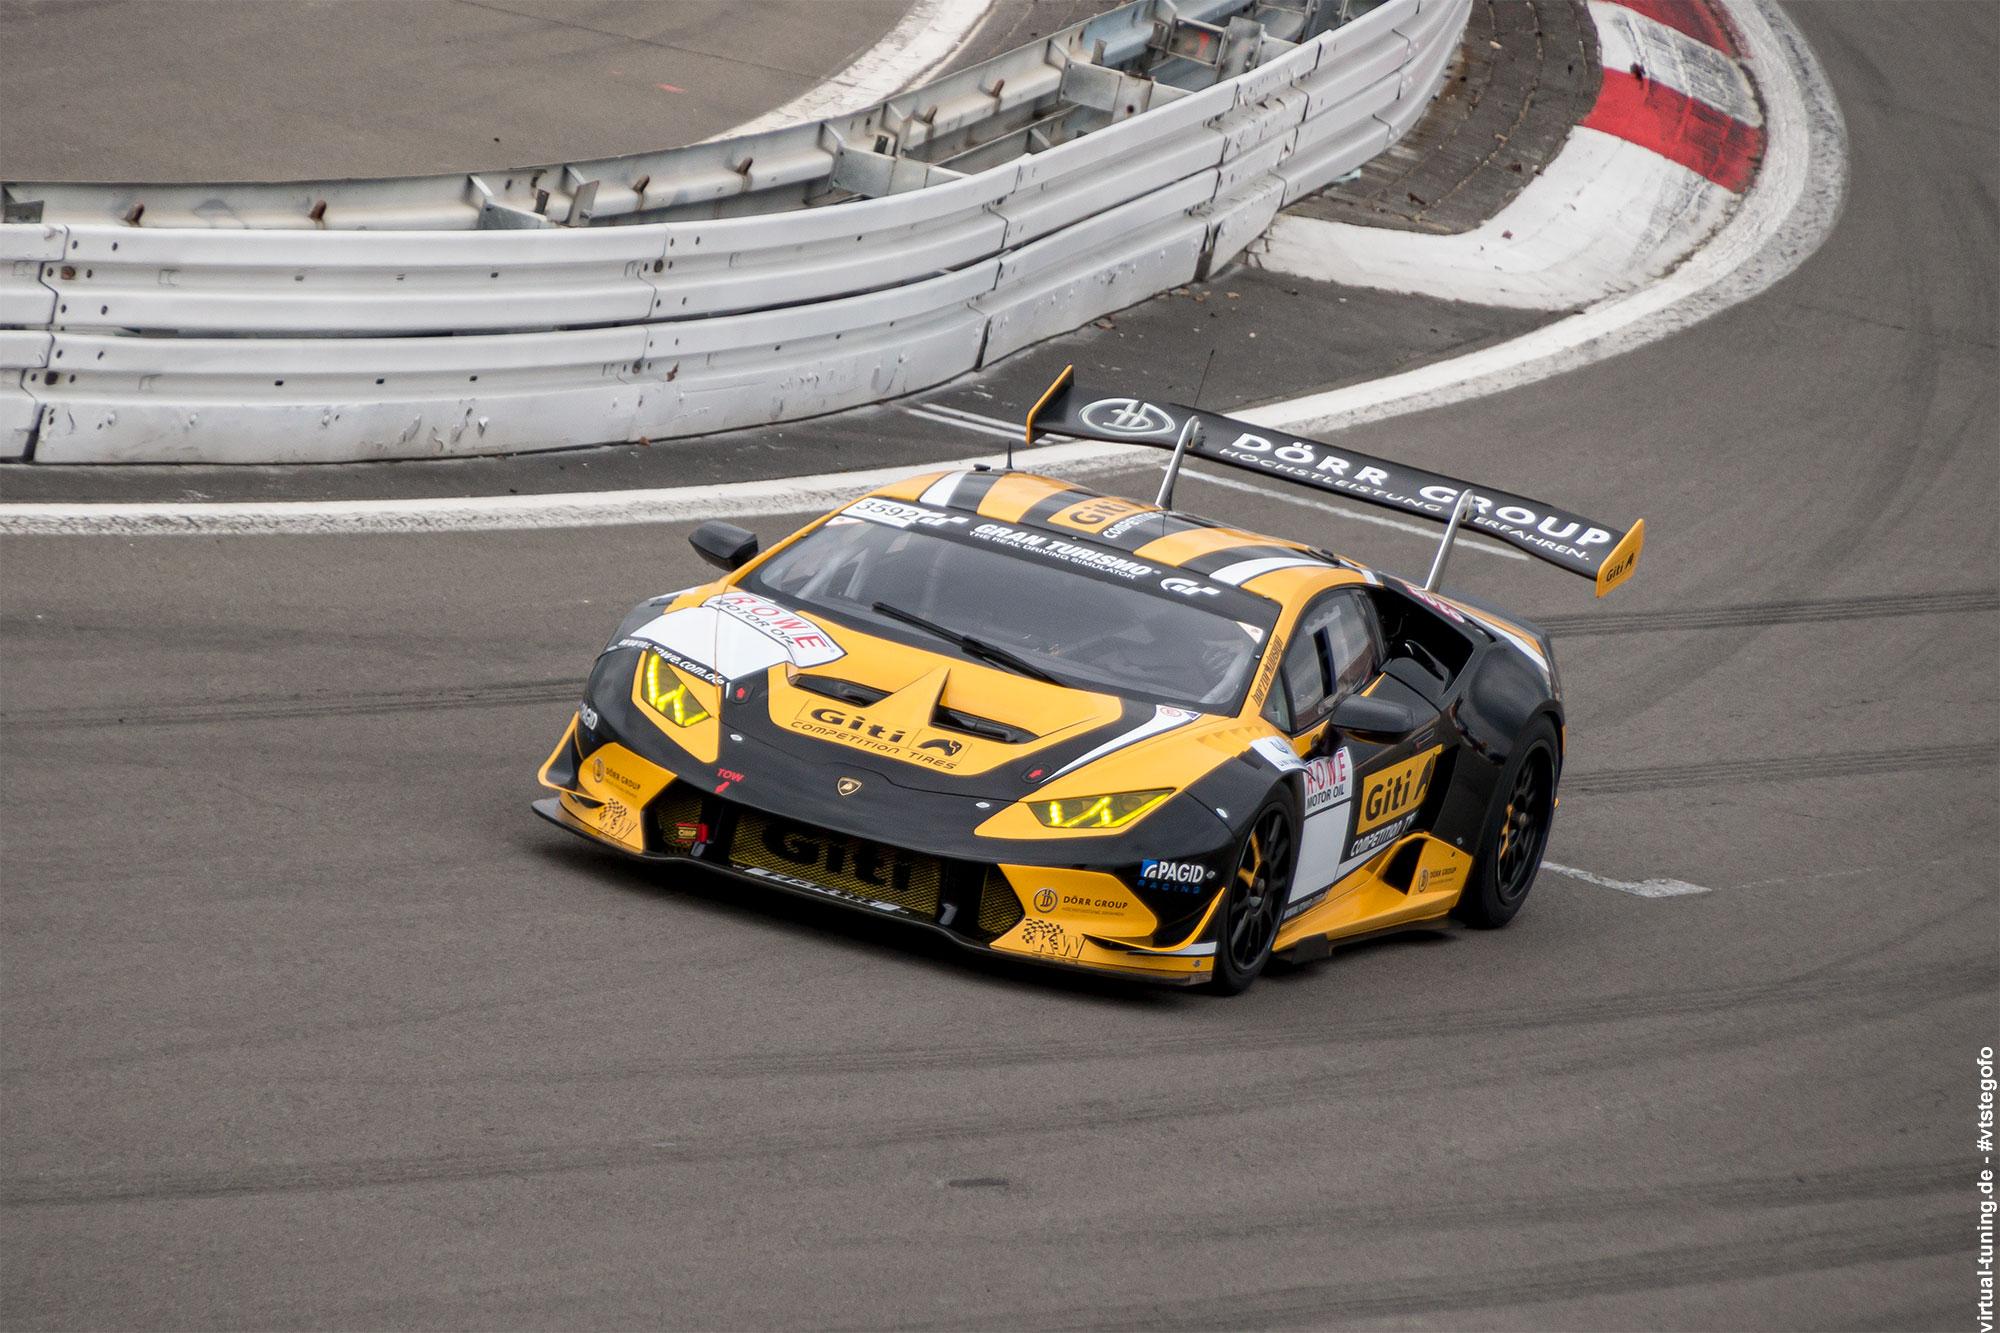 Lamborghini Huracán GT3 - Test- und Einstellfahrten am Nürburgring (3.2016)